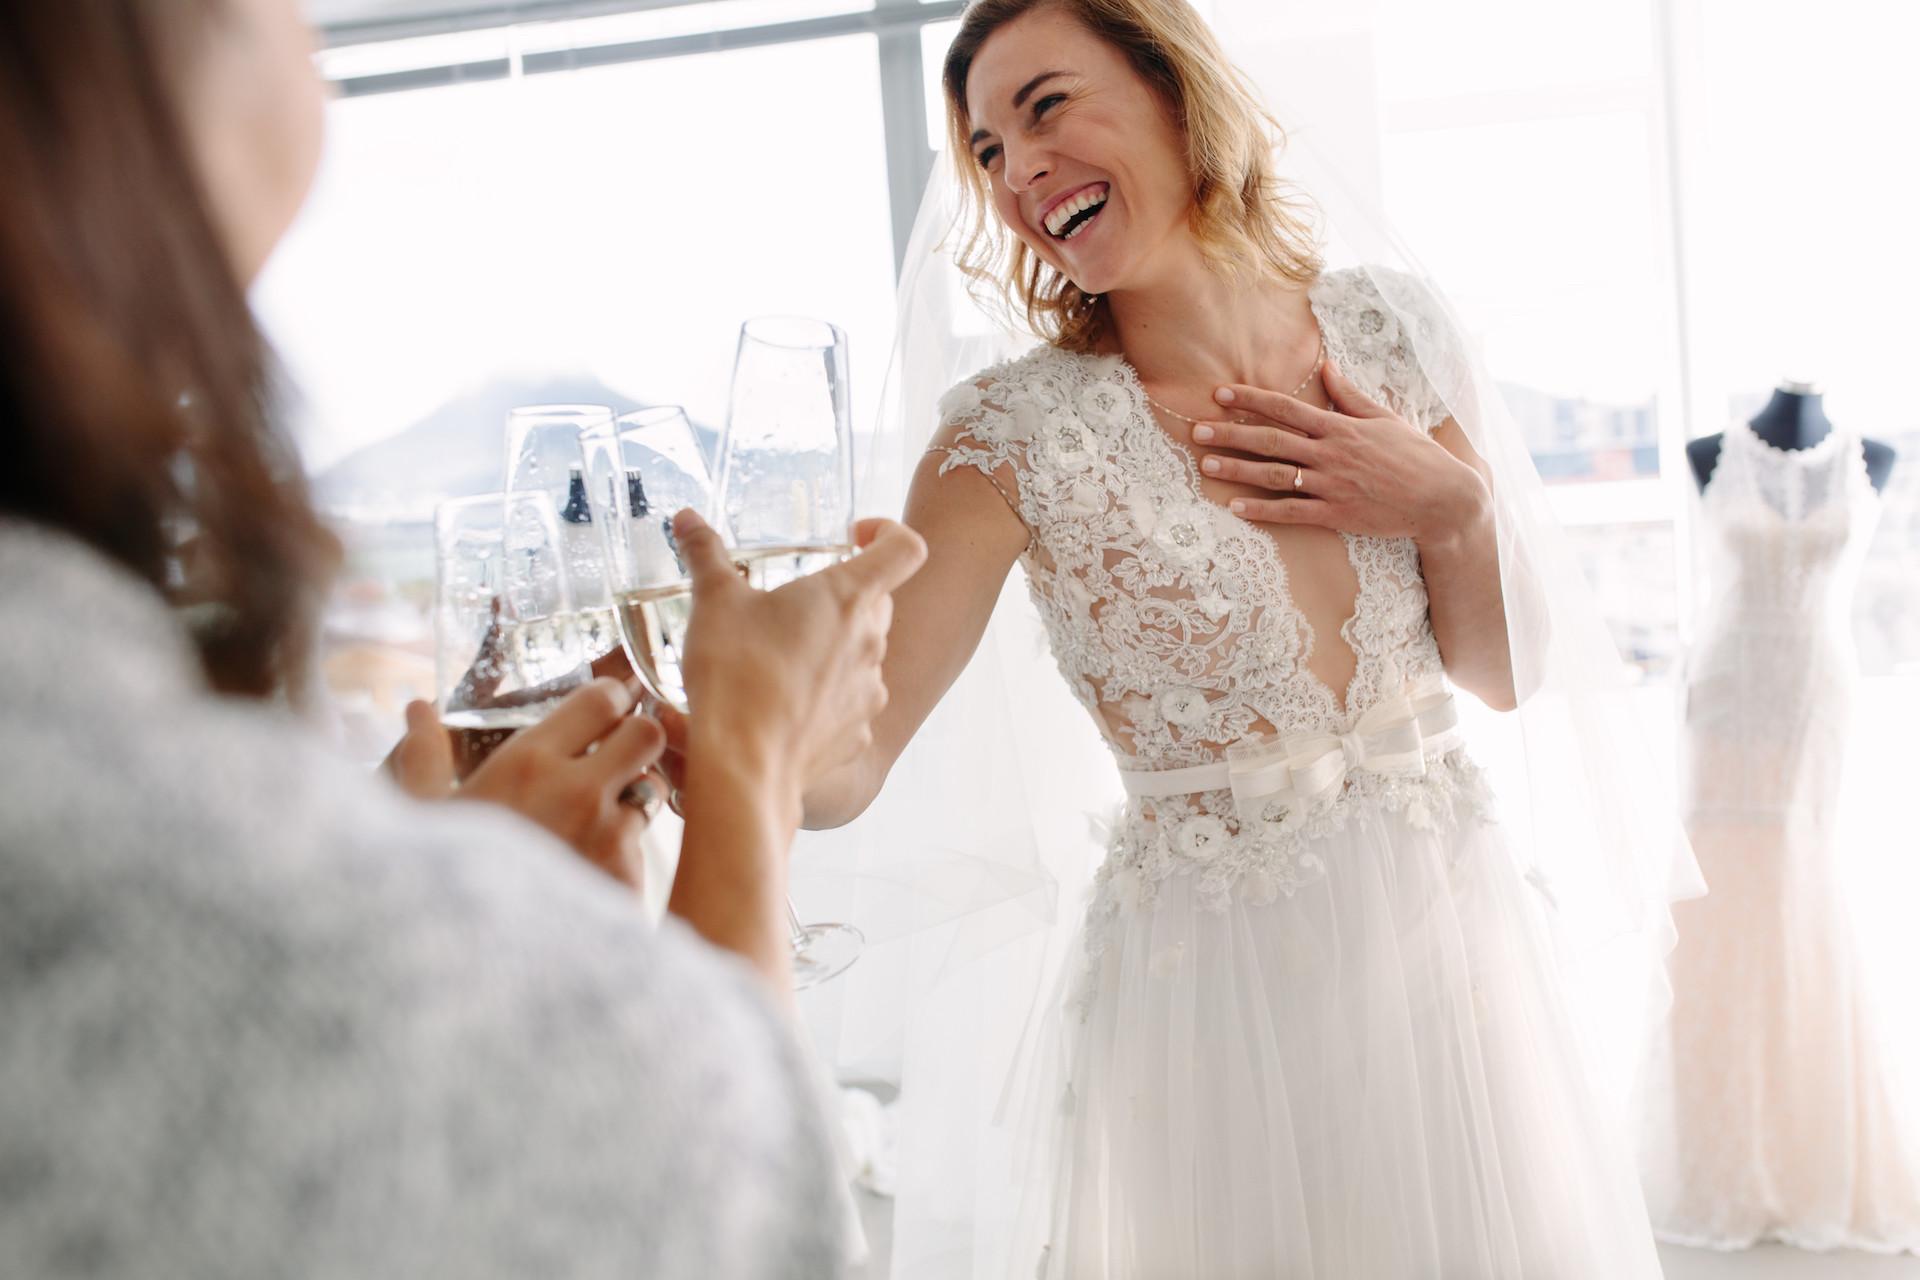 Brautkleidanprobe mit Freunden